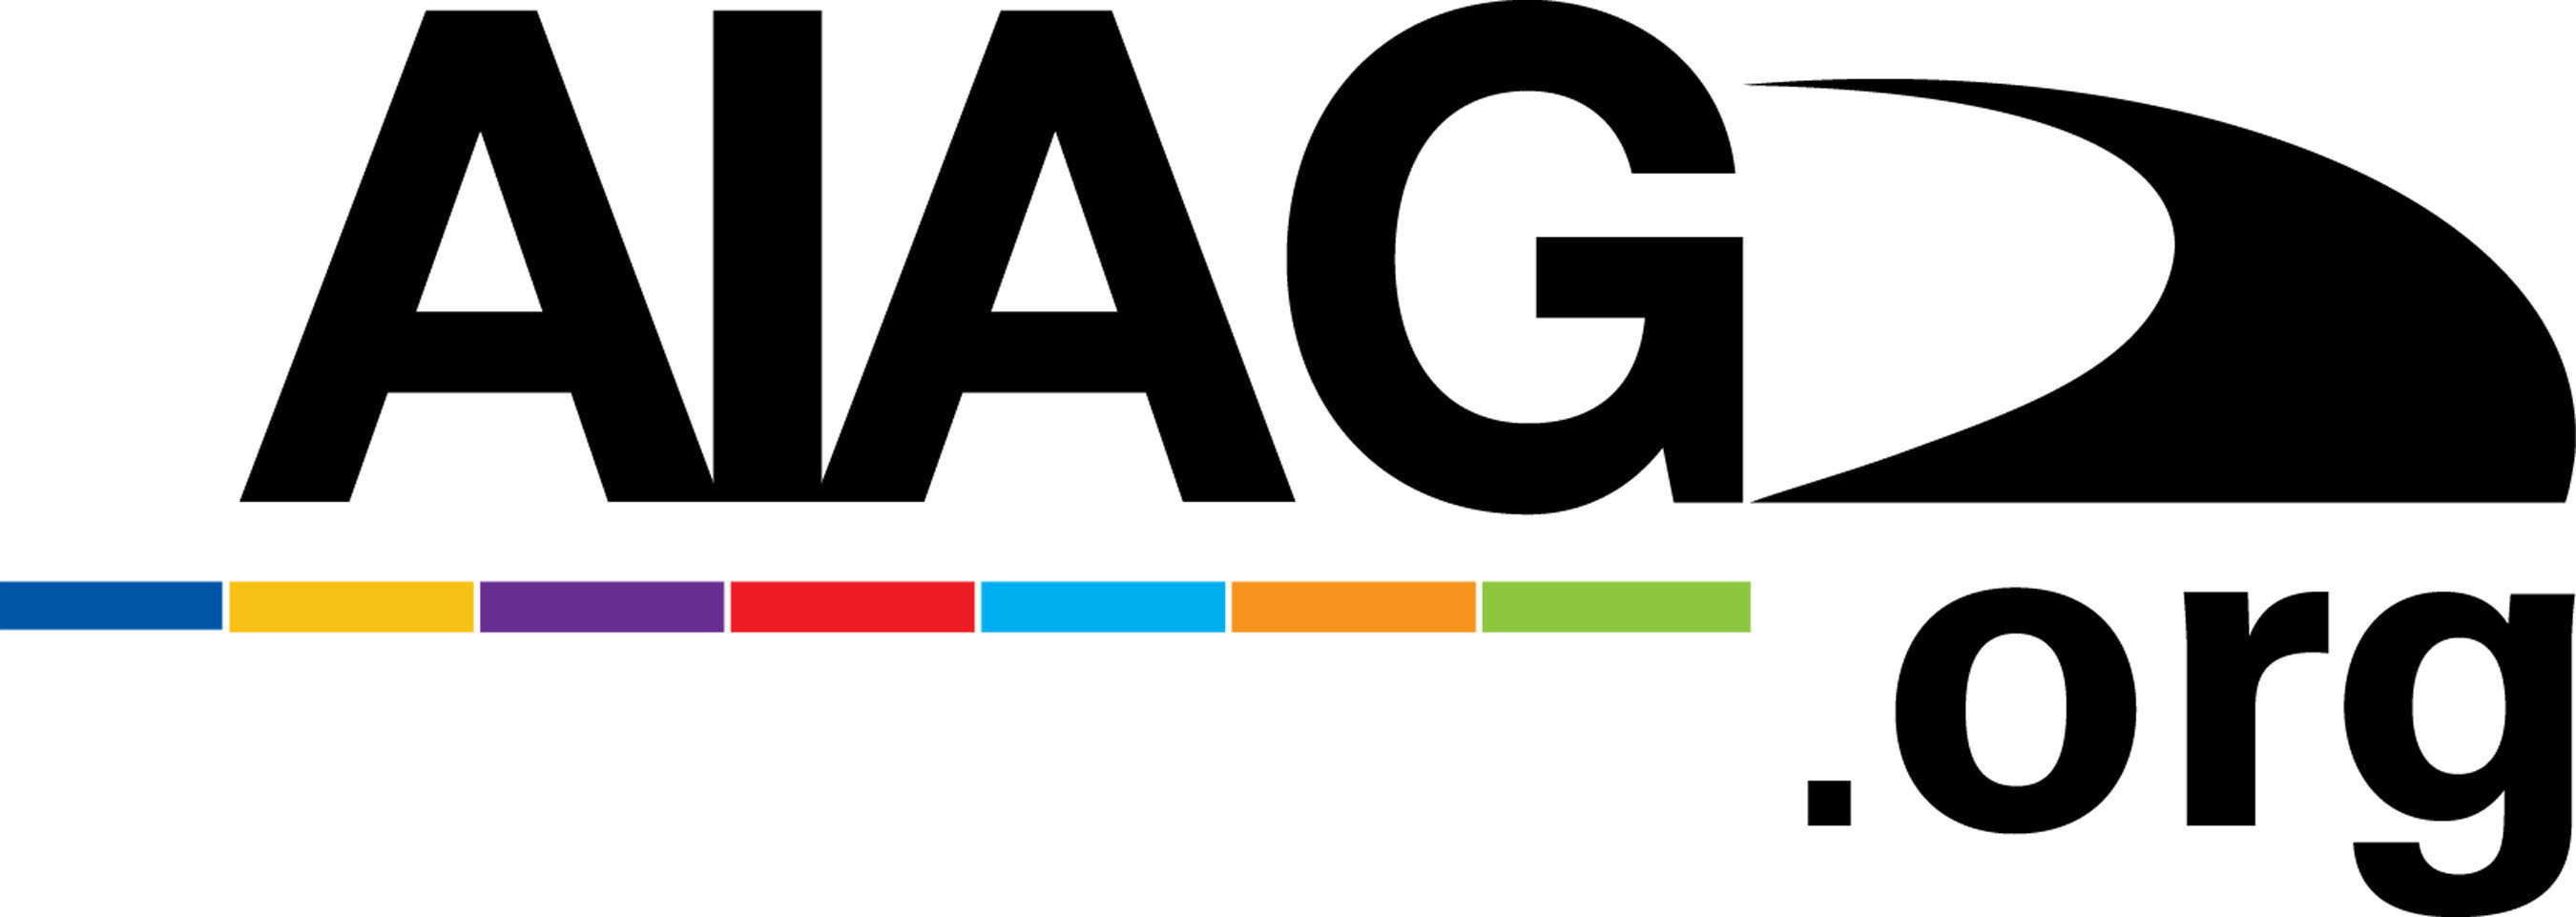 AIAG logo. (PRNewsFoto/AIAG)